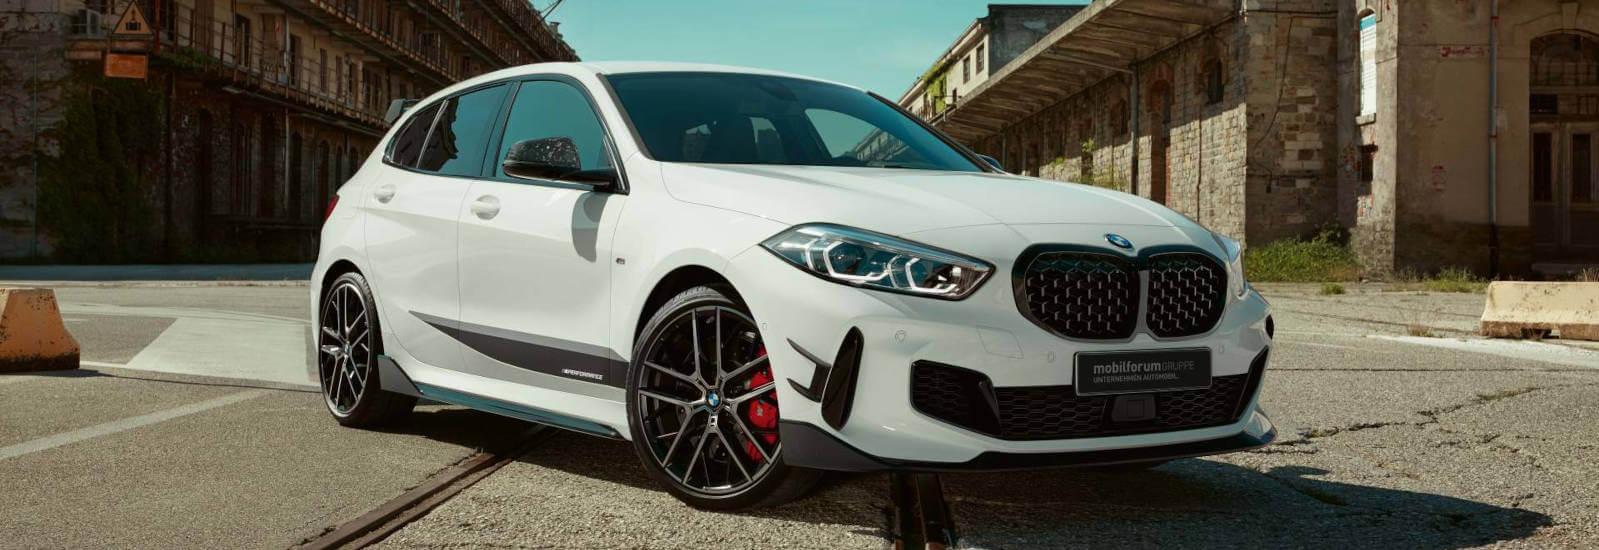 BMW Business